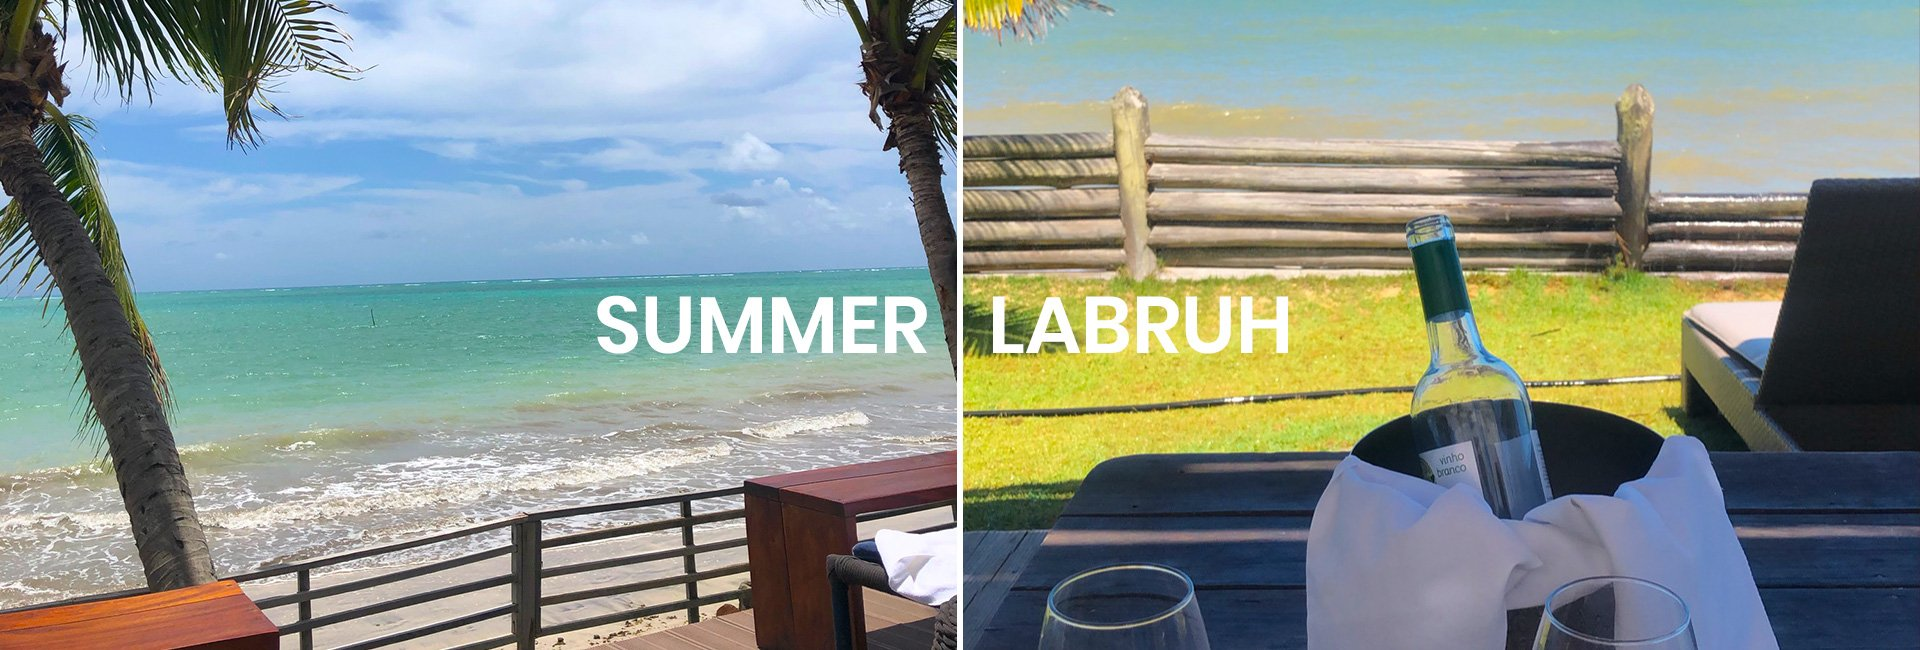 Summer Labruh